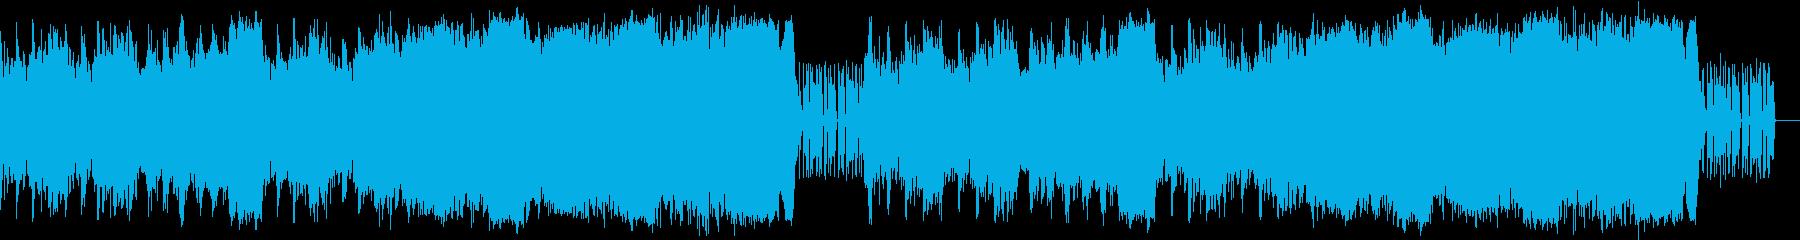 城をイメージしたオーケストラの再生済みの波形